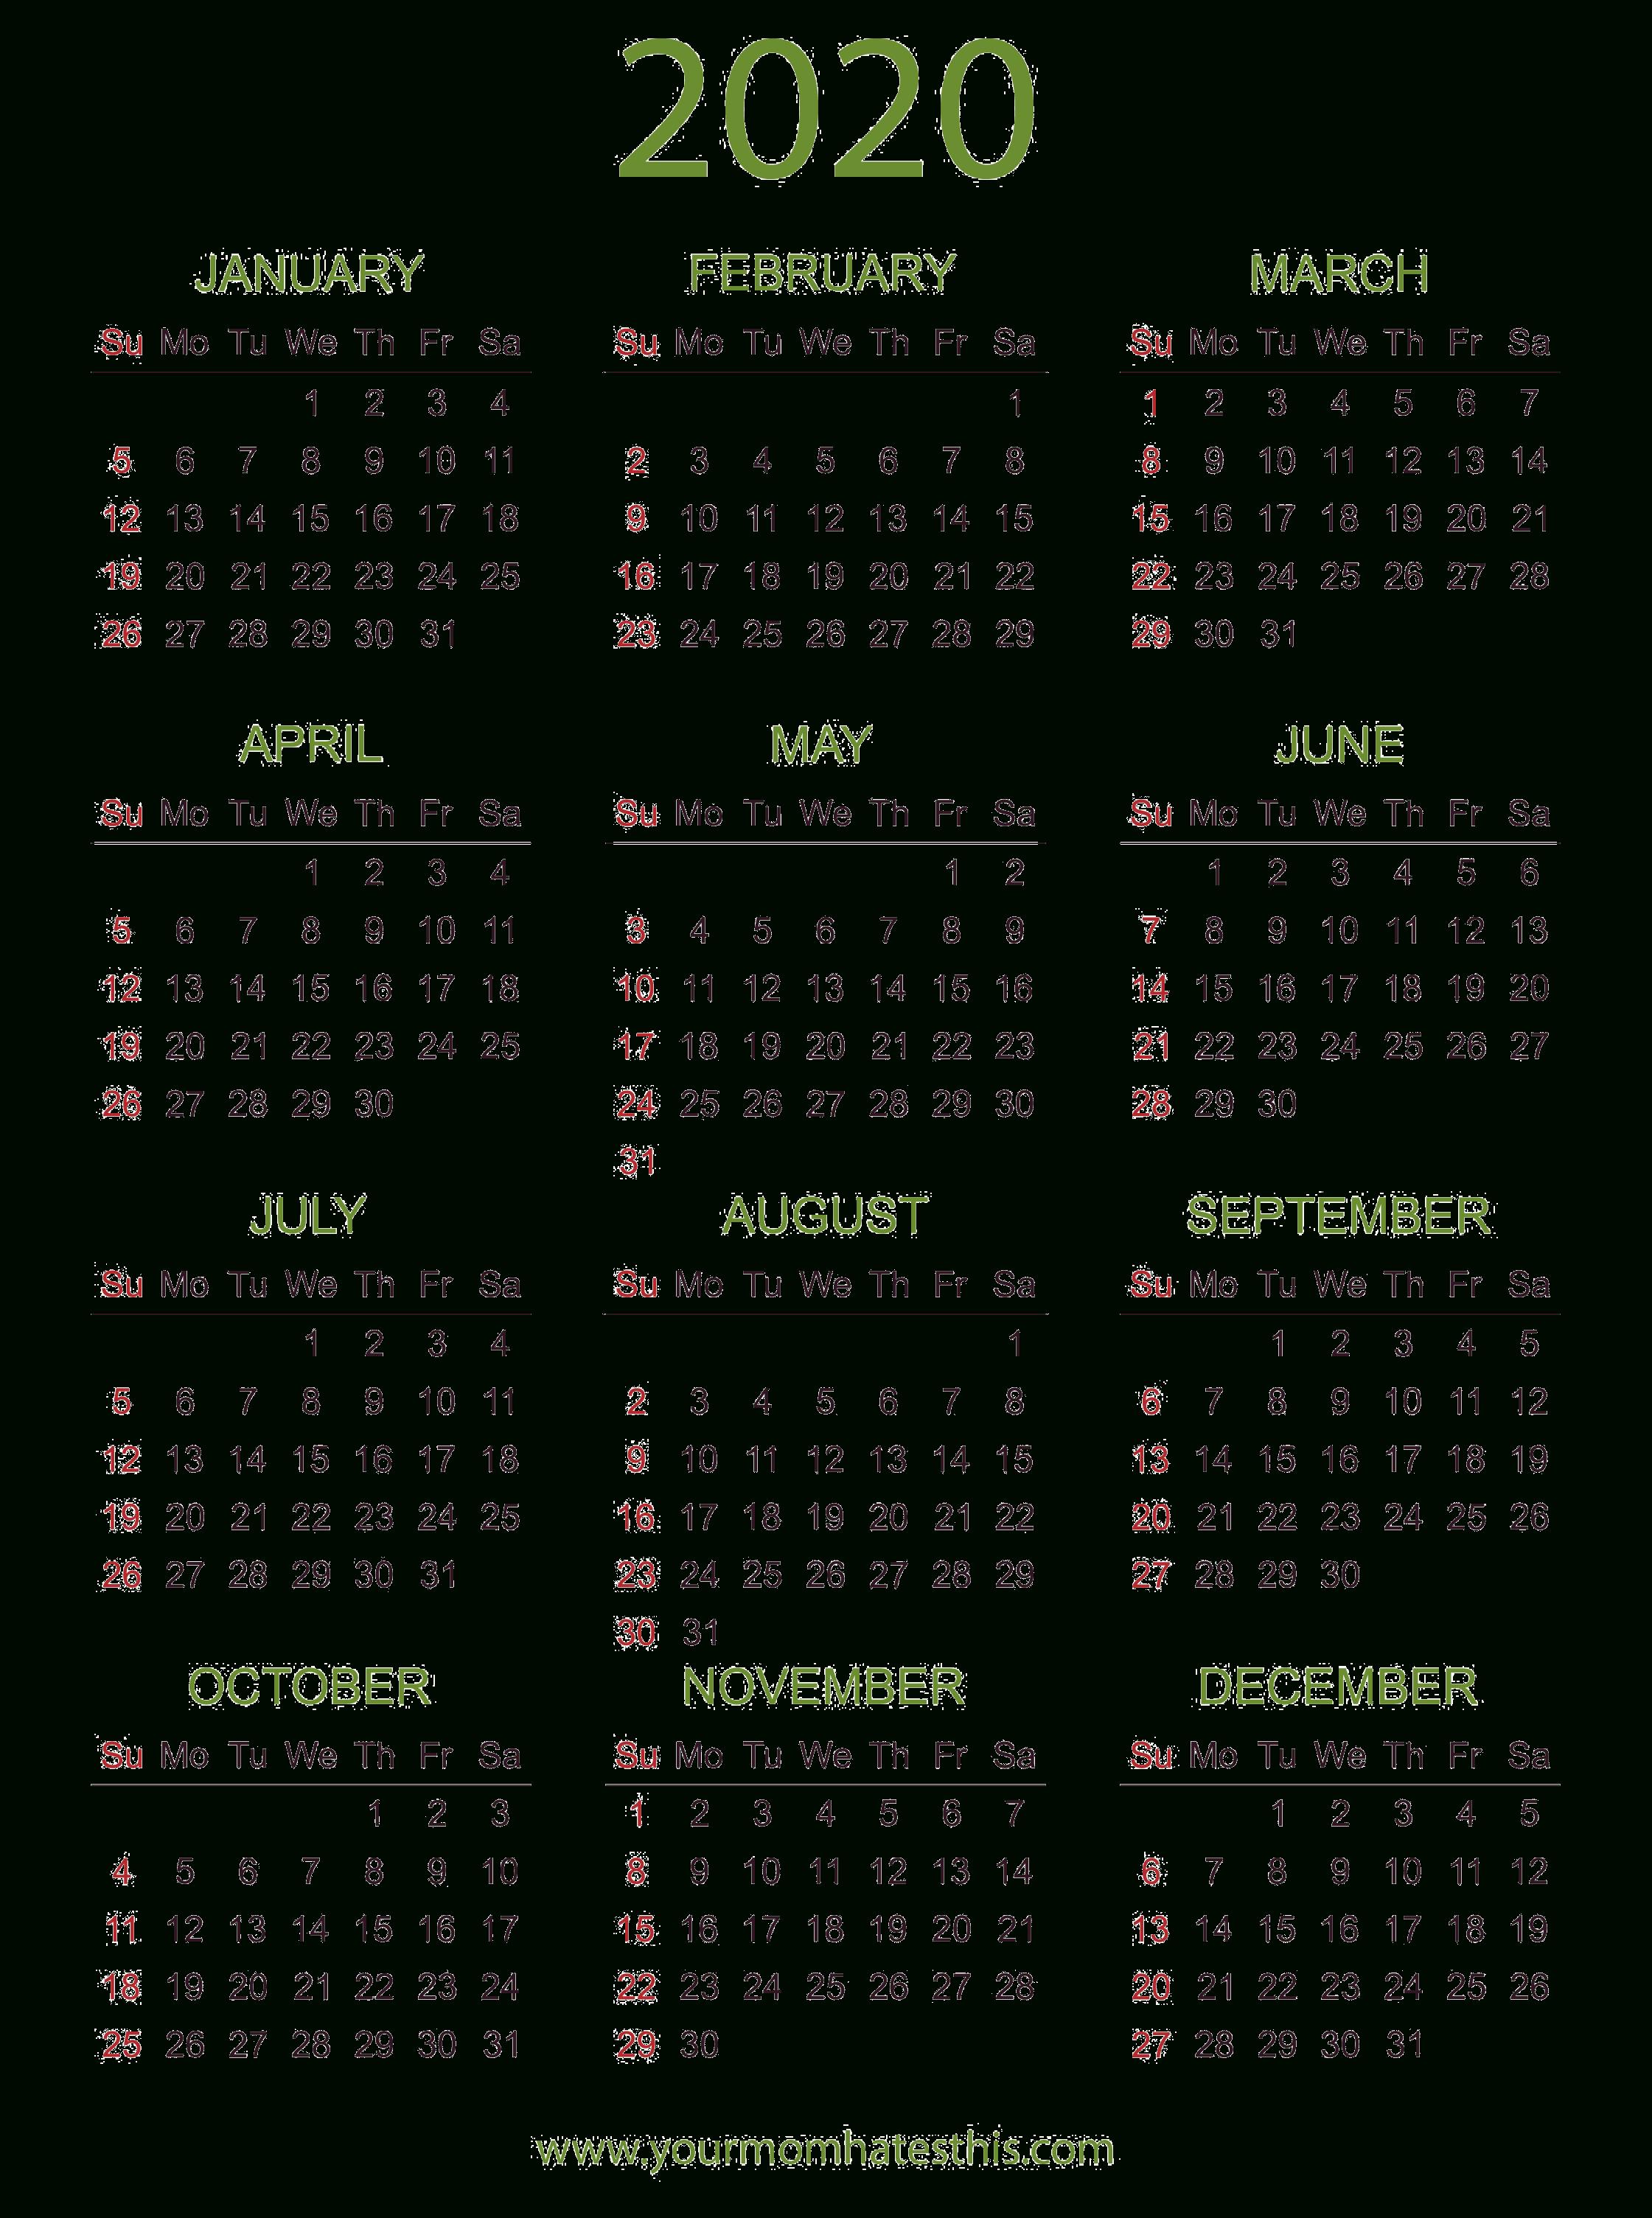 2020 Calendar Png Transparent Images | Png All within November Calendar 2020 Transparent